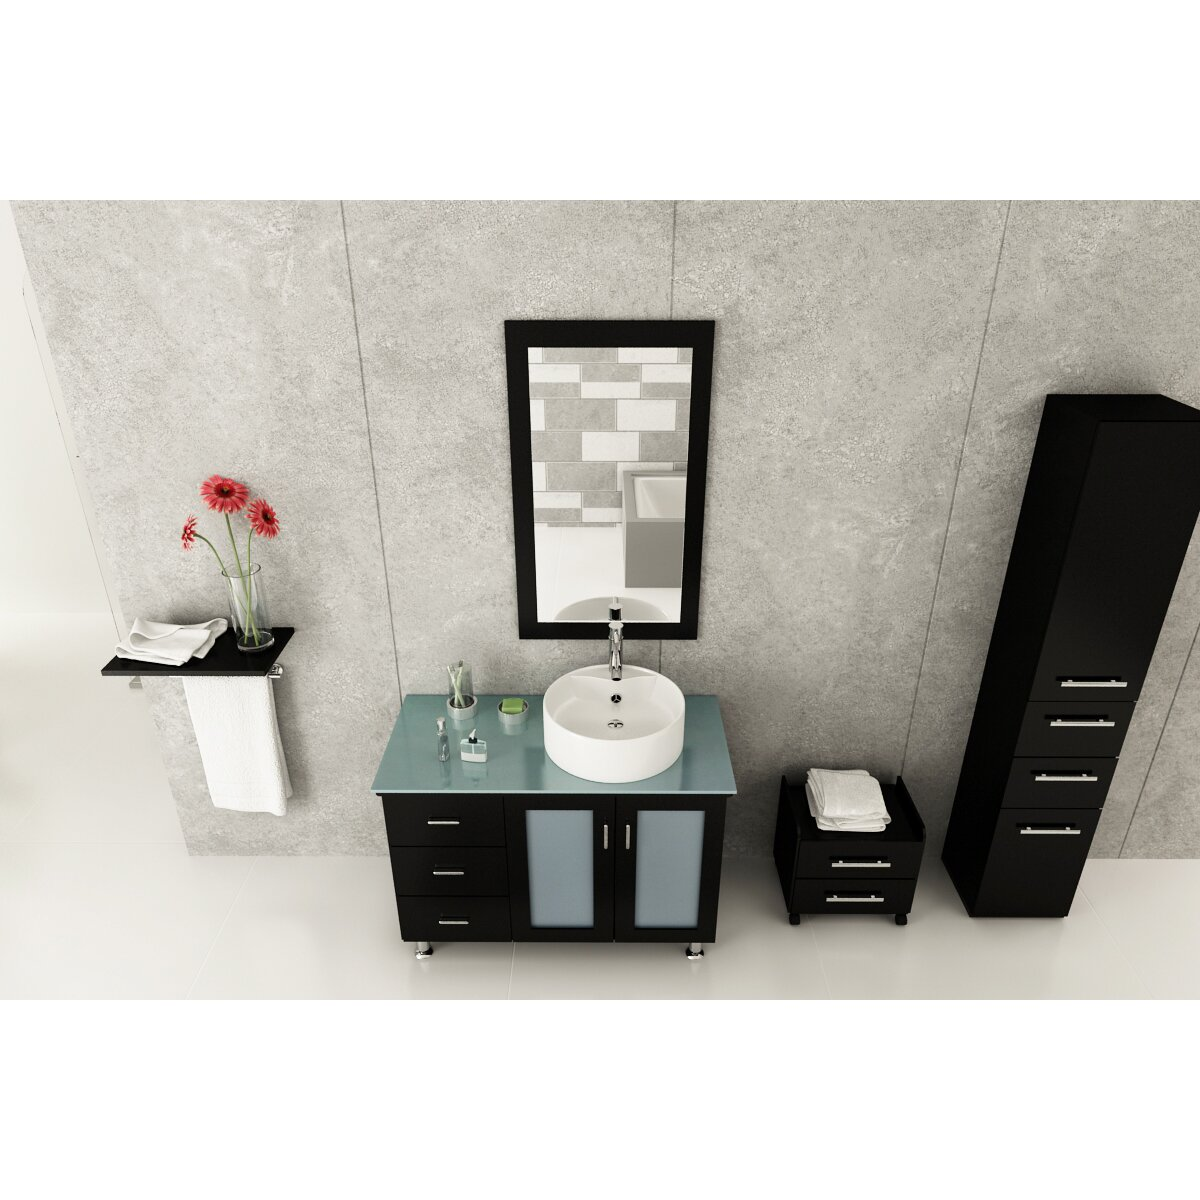 39 Bathroom Vanity Jwh Living Lune 39 Single Vessel Modern Bathroom Vanity Set Wayfair